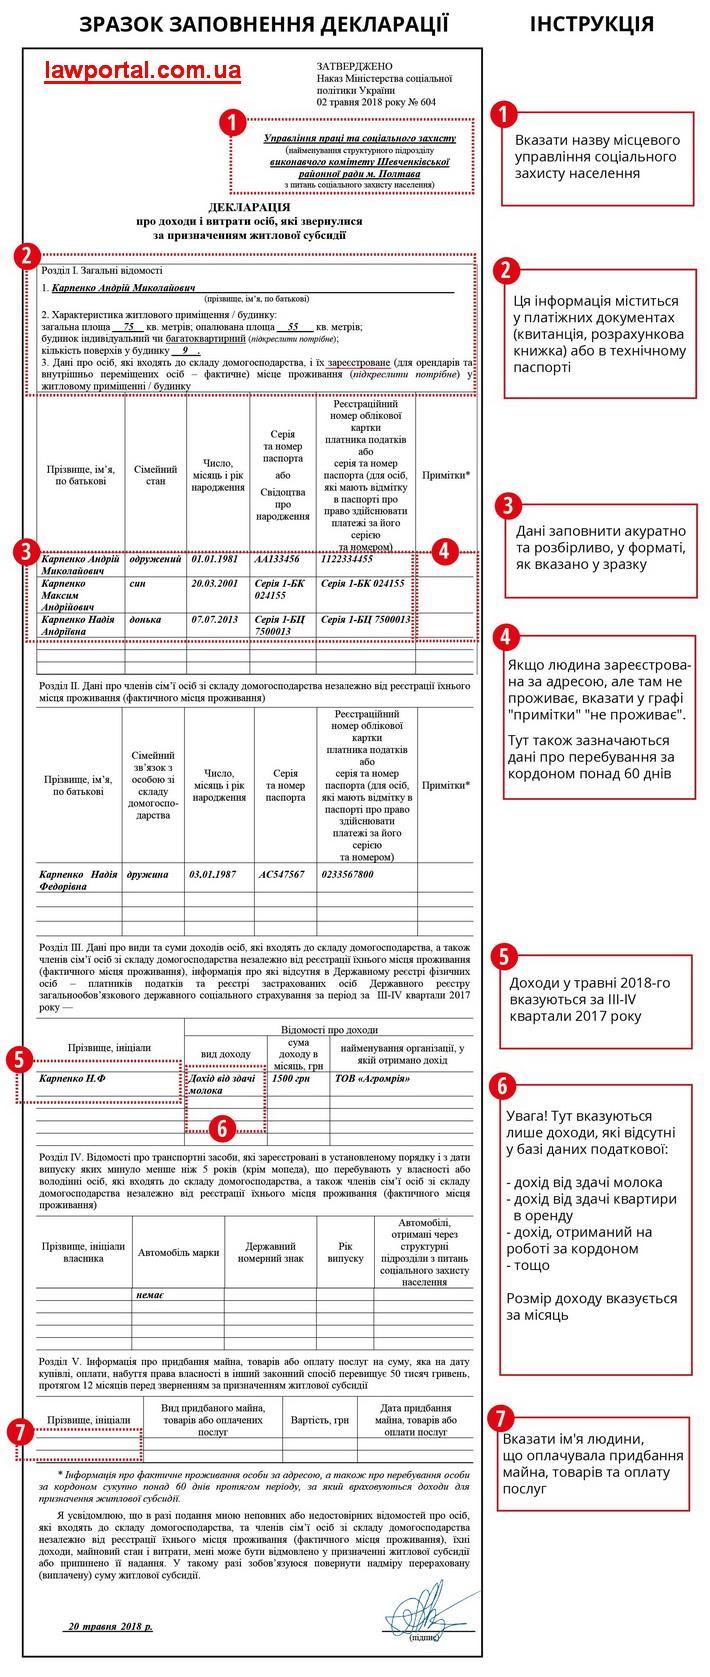 Приклад заповнення декларацій для отримання субсидії